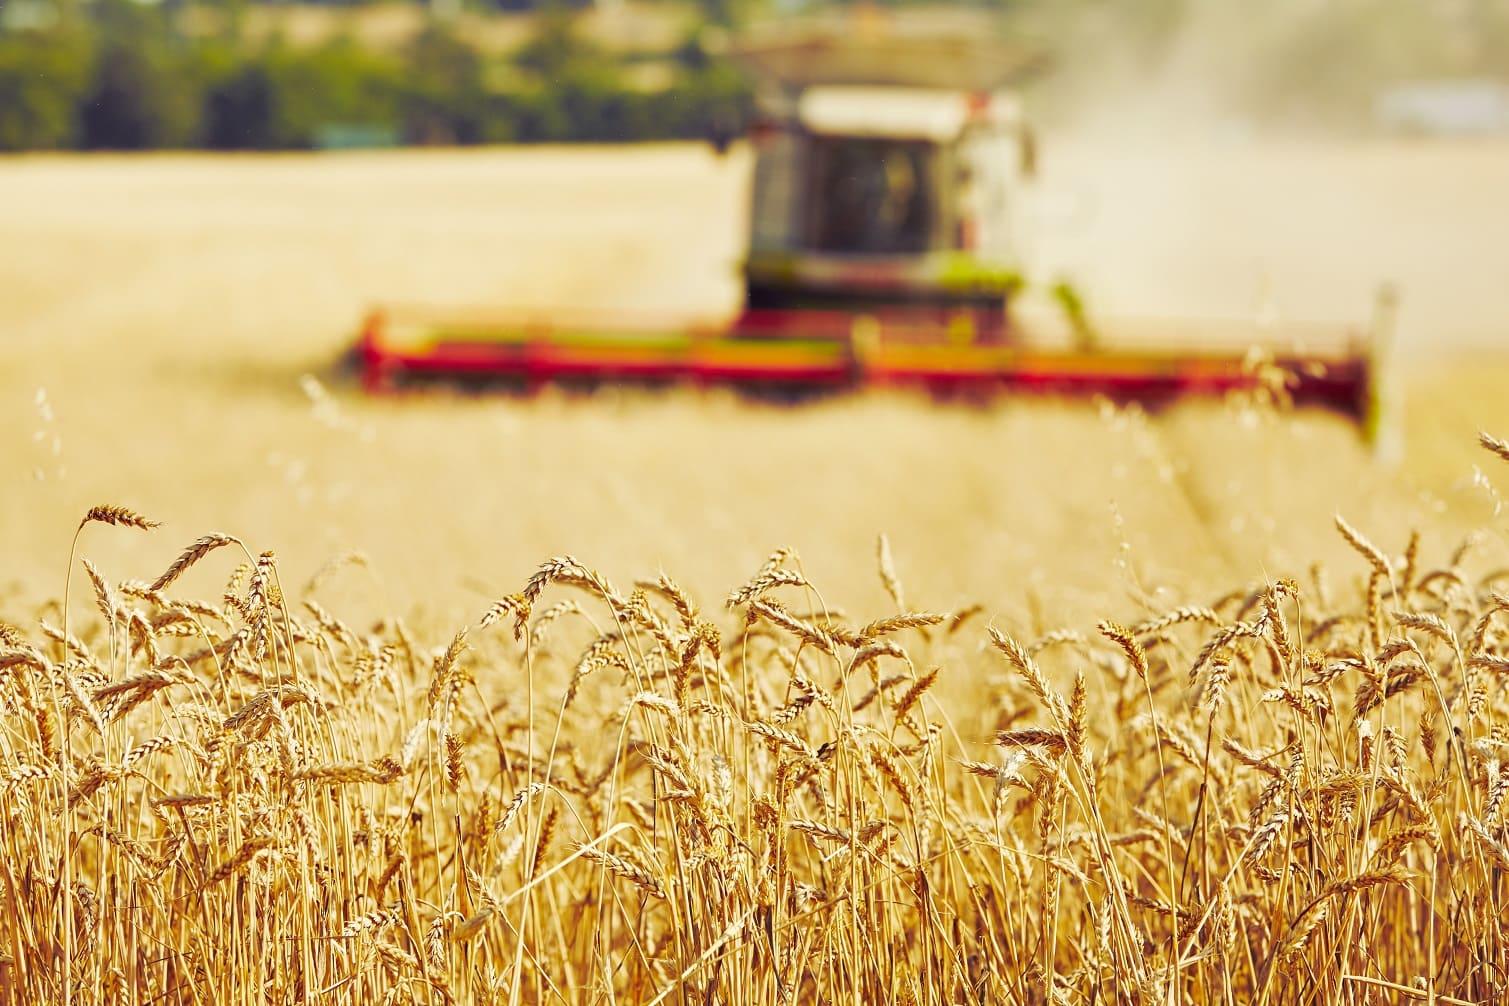 De Europese Commissie vraagt feedback voor actieplan biologische landbouw